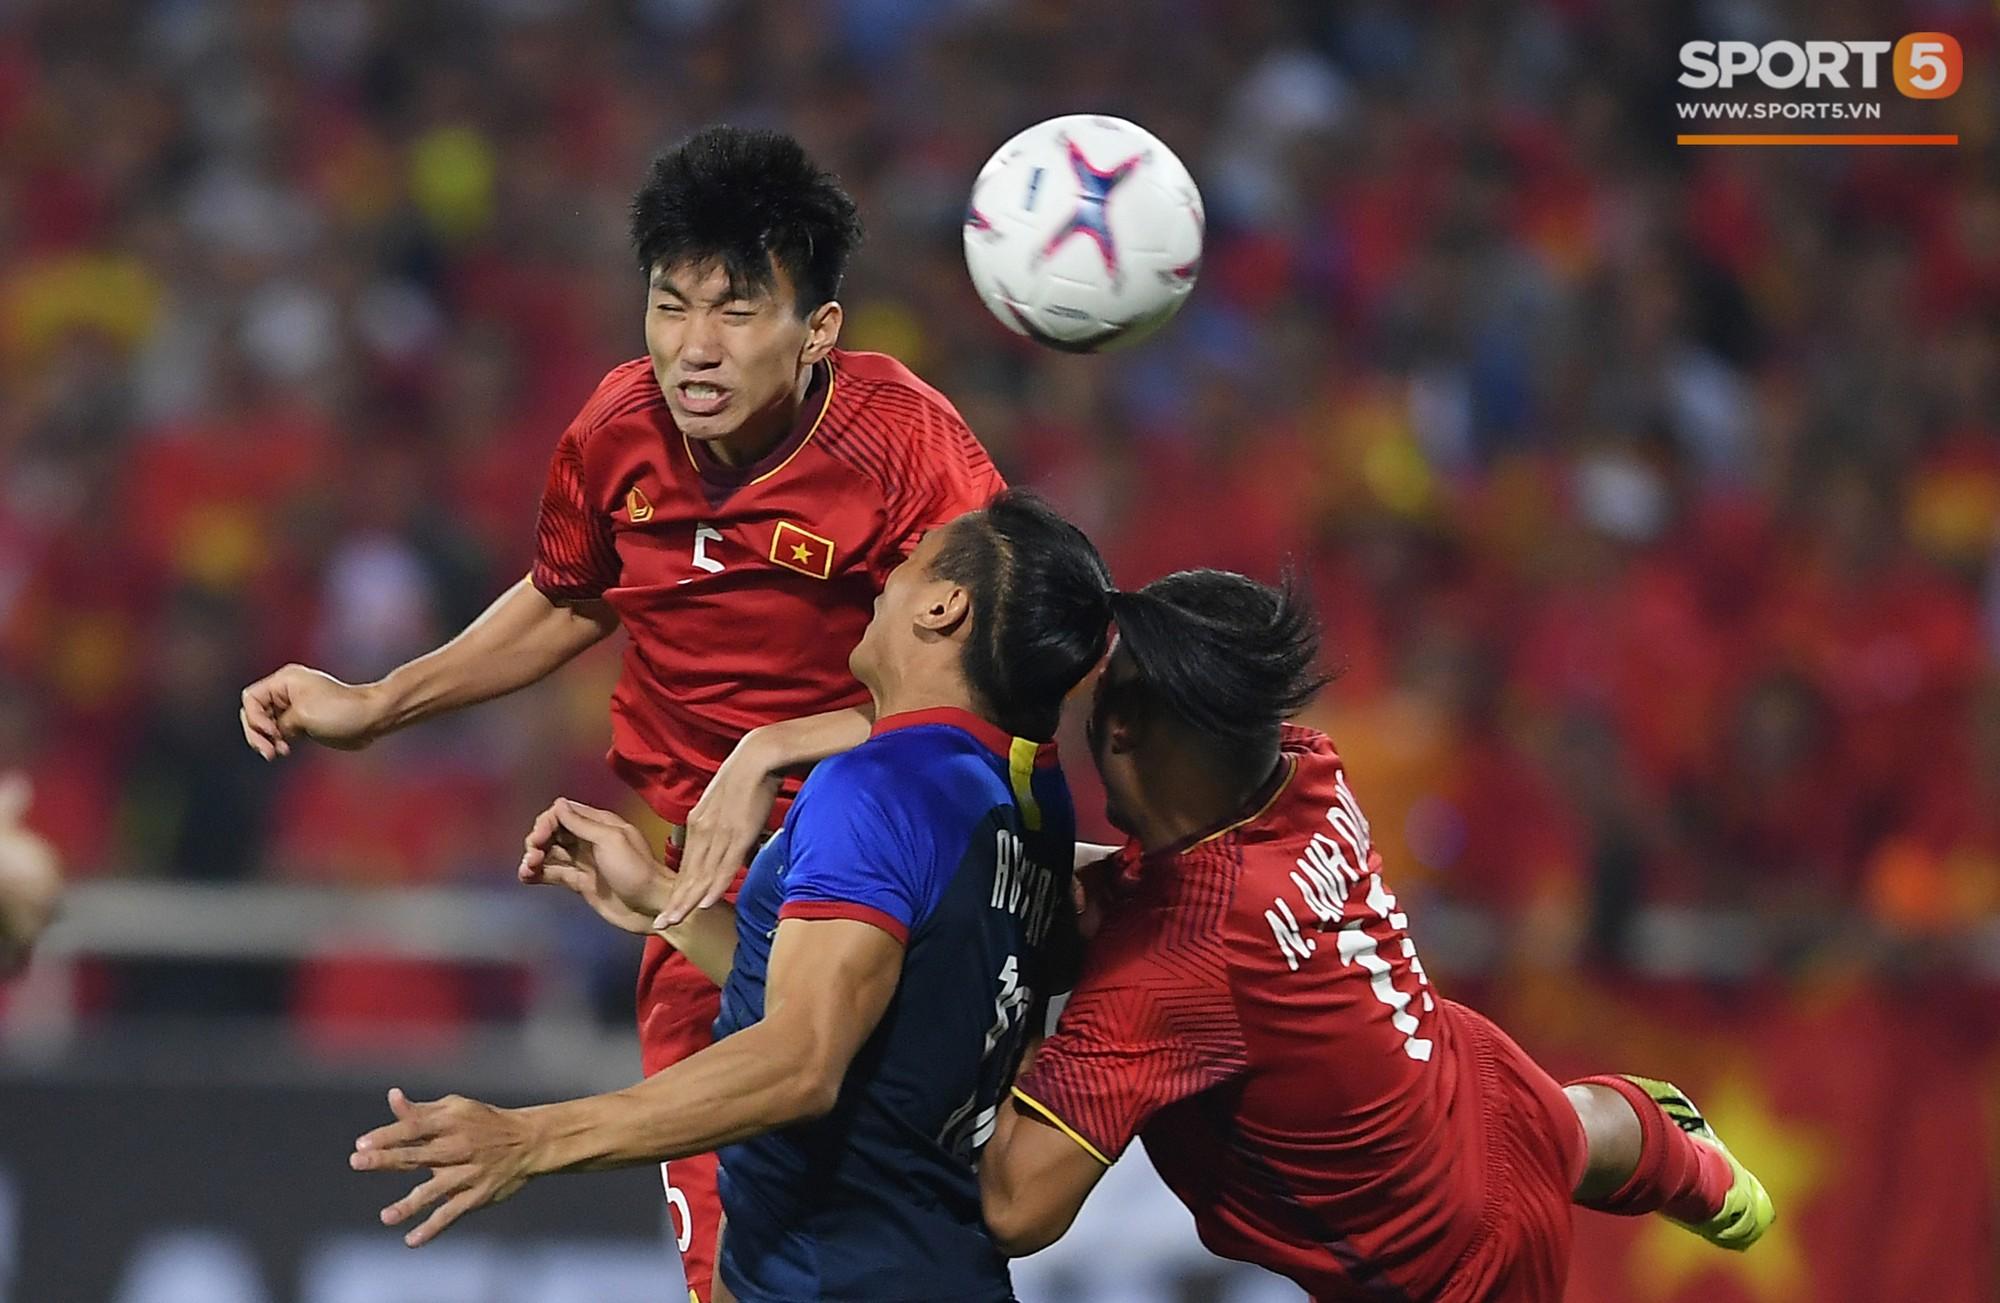 Lý giải bất ngờ của mẹ Văn Hậu về bức ảnh nhìn như thôi miên cậu con trai tại AFF Cup 2018 - Ảnh 7.